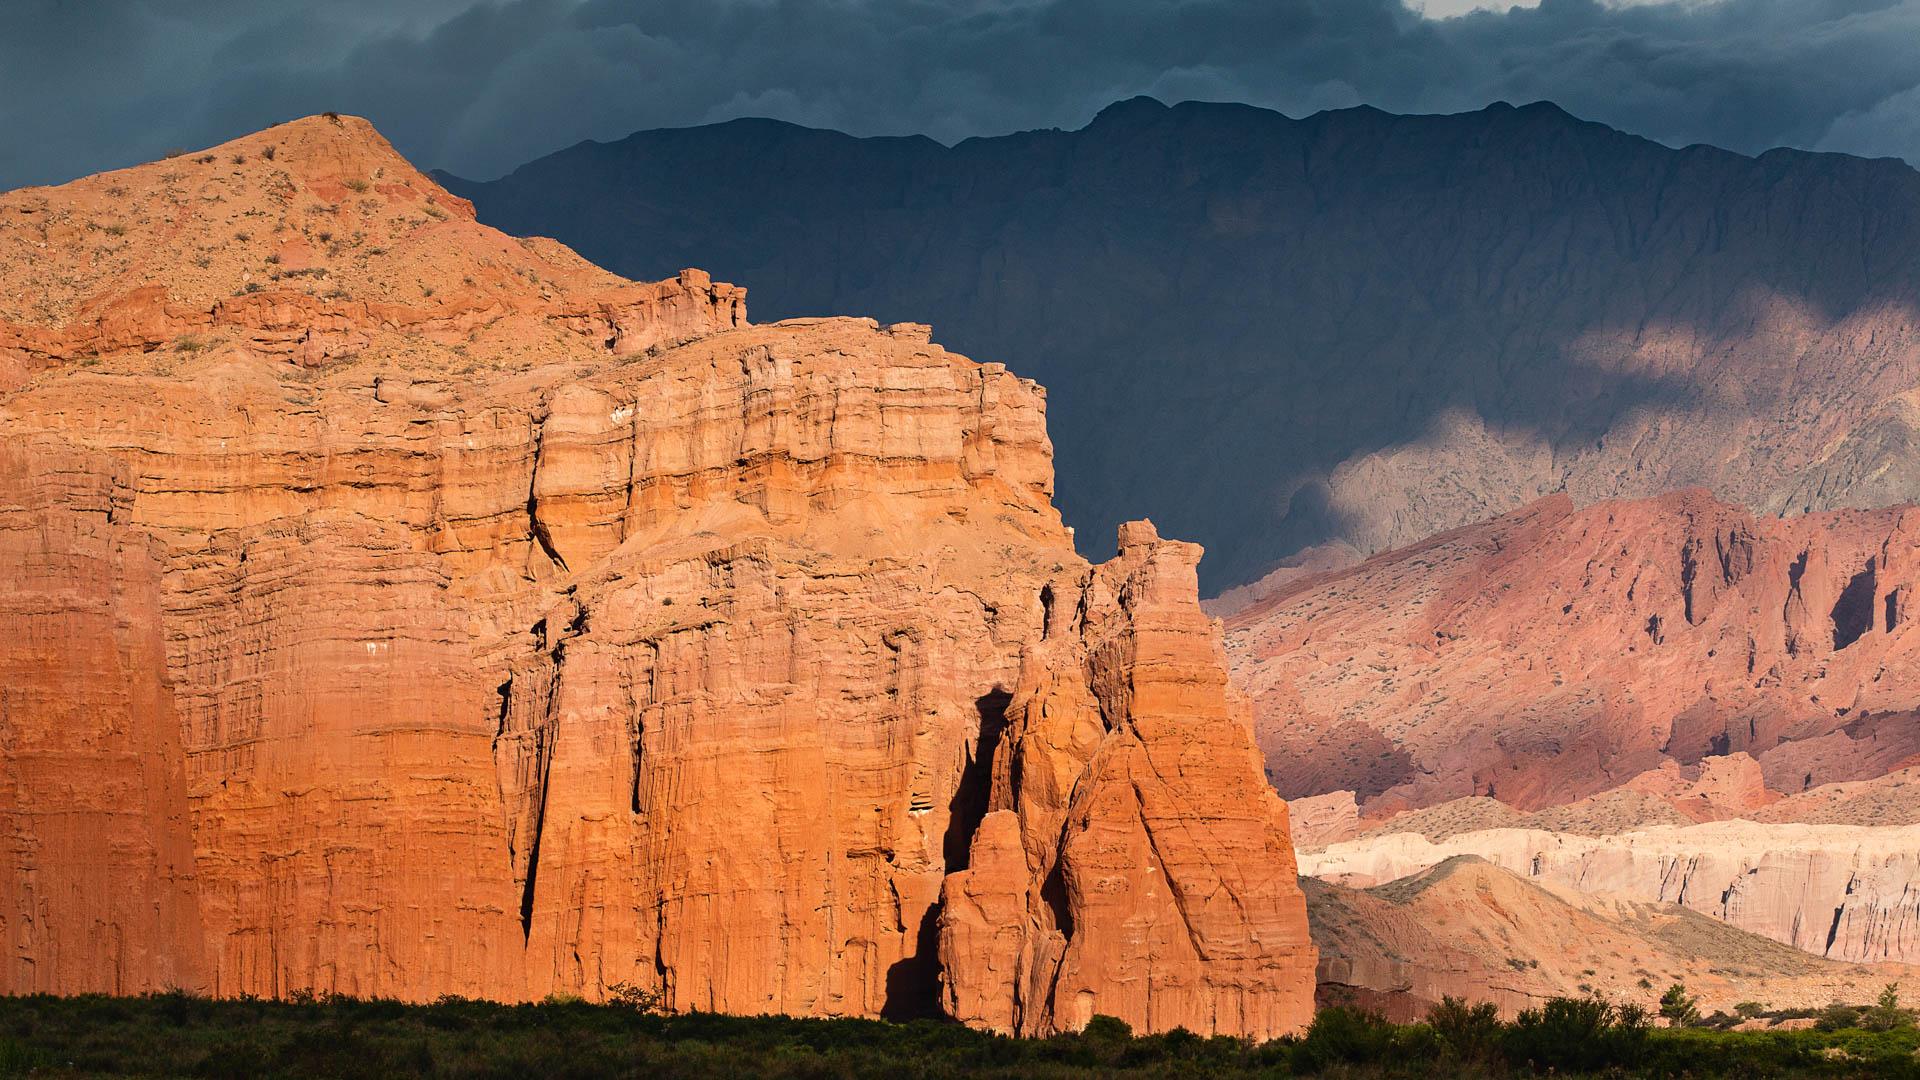 Los Castillos, la última formación de la Quebrada de las Conchas antes de los Valles Calchaquíes.